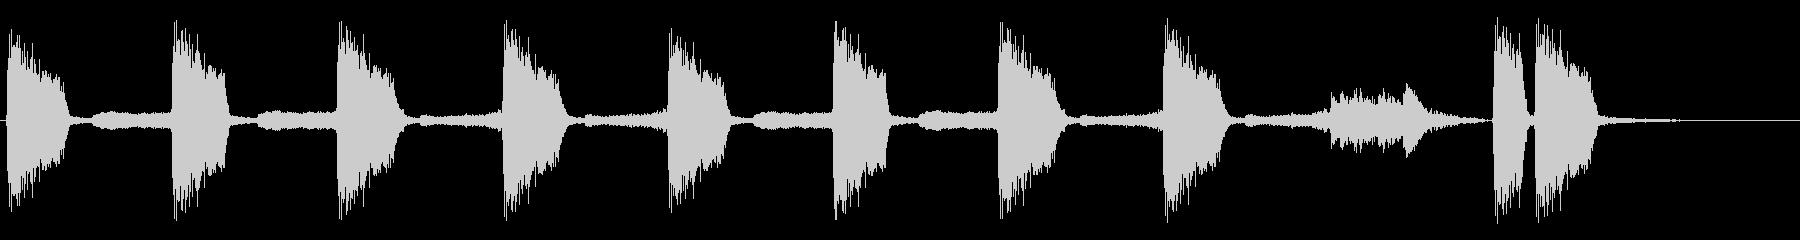 コミカルな実験シーンで流れる感じですの未再生の波形